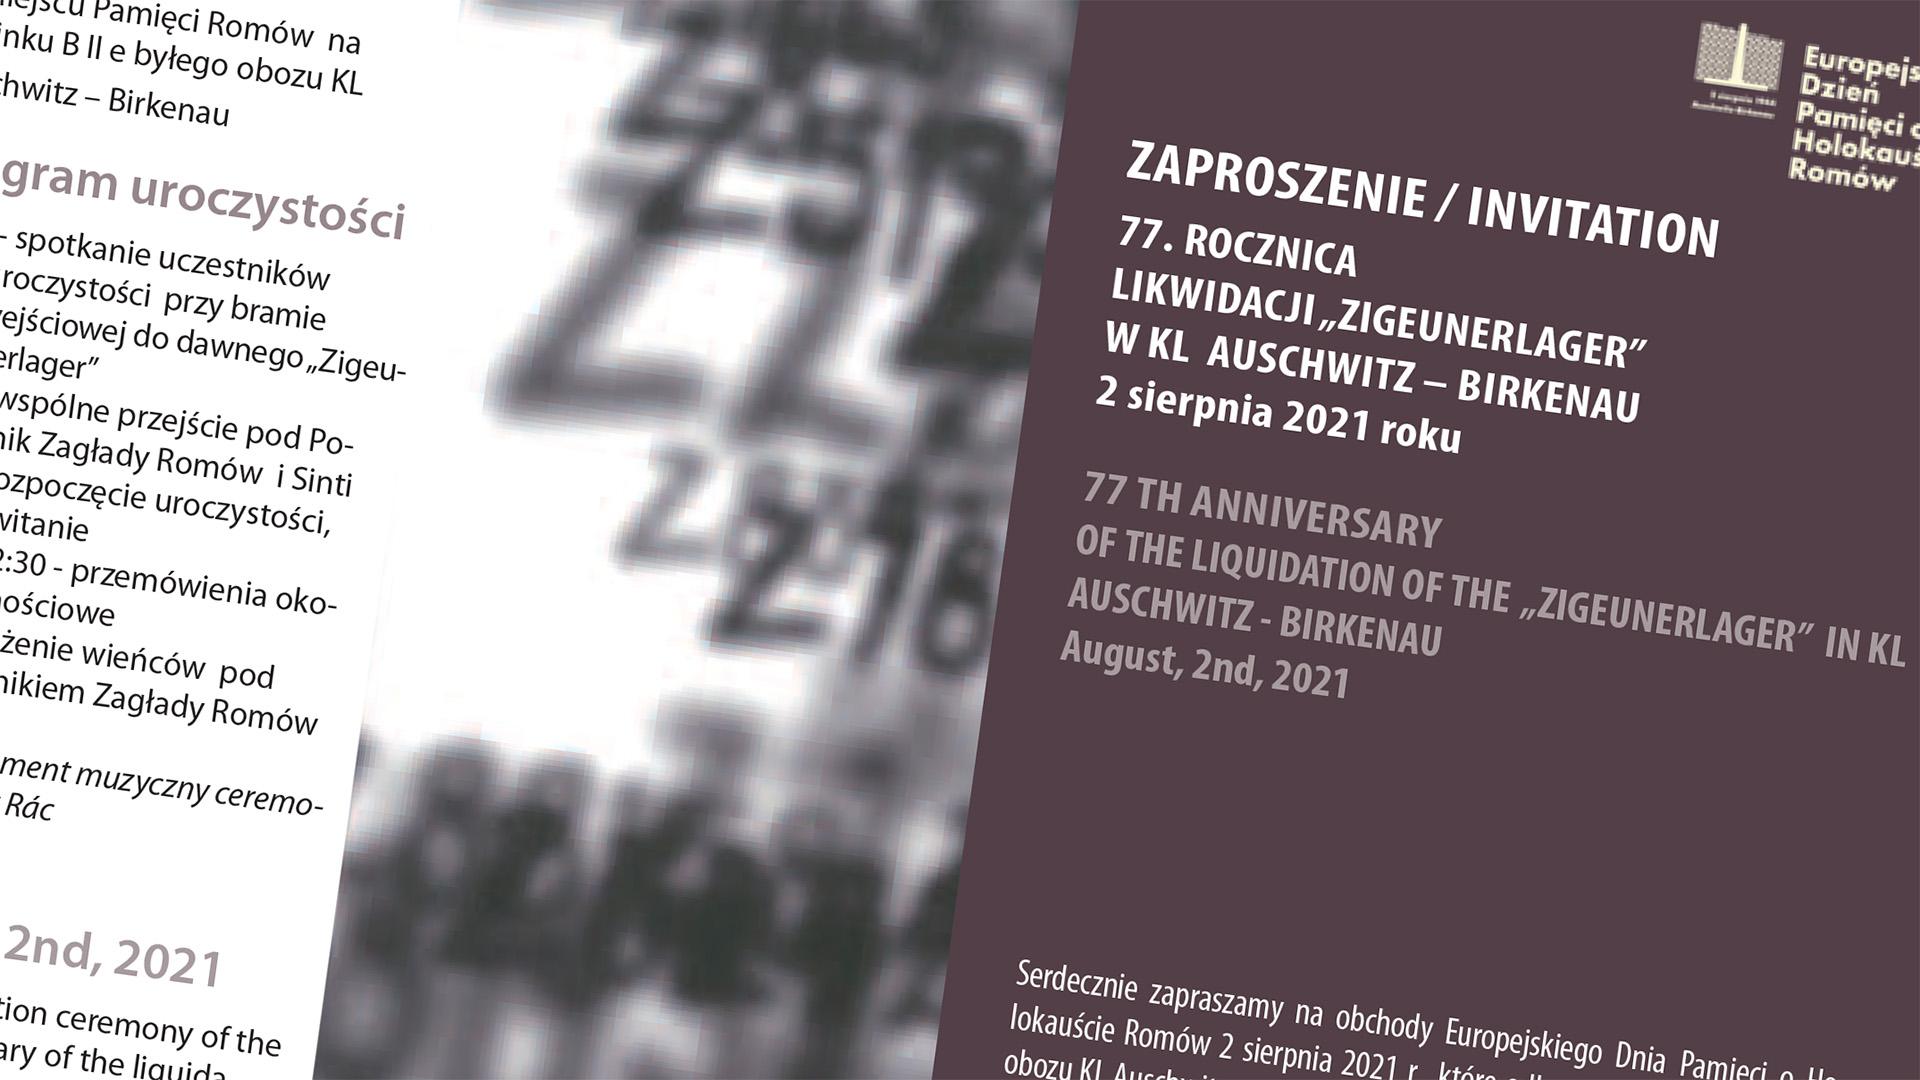 Deň pamiatky 77. výročia Holokaustu Rómov v Auschwitz - Birkenau